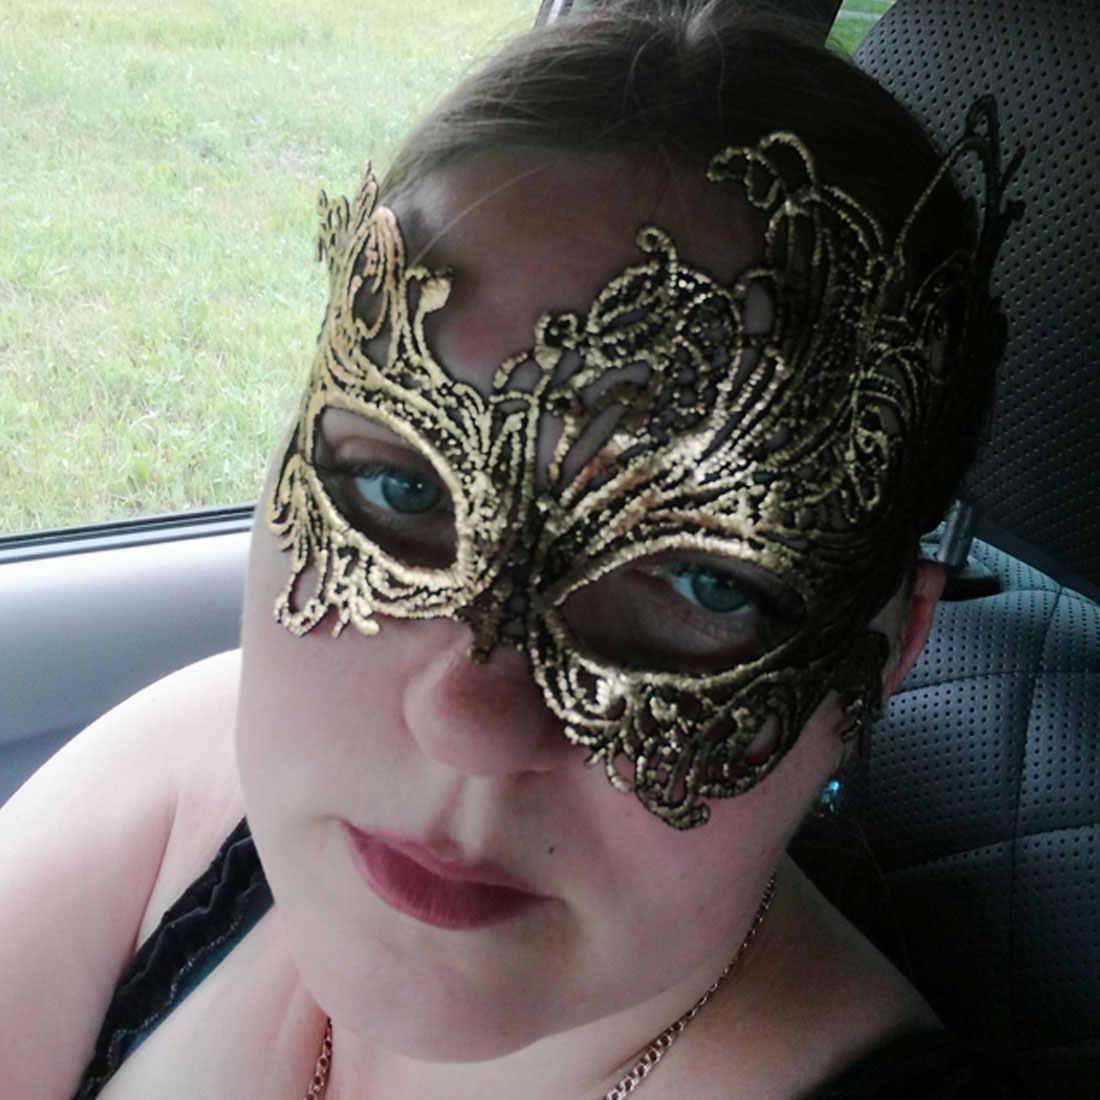 1 Pcs Wanita Renda Mata Bronzing Face Mask Masquerade Pesta Karnaval Bola Prom Halloween Dekorasi Seksi Pesta Masker